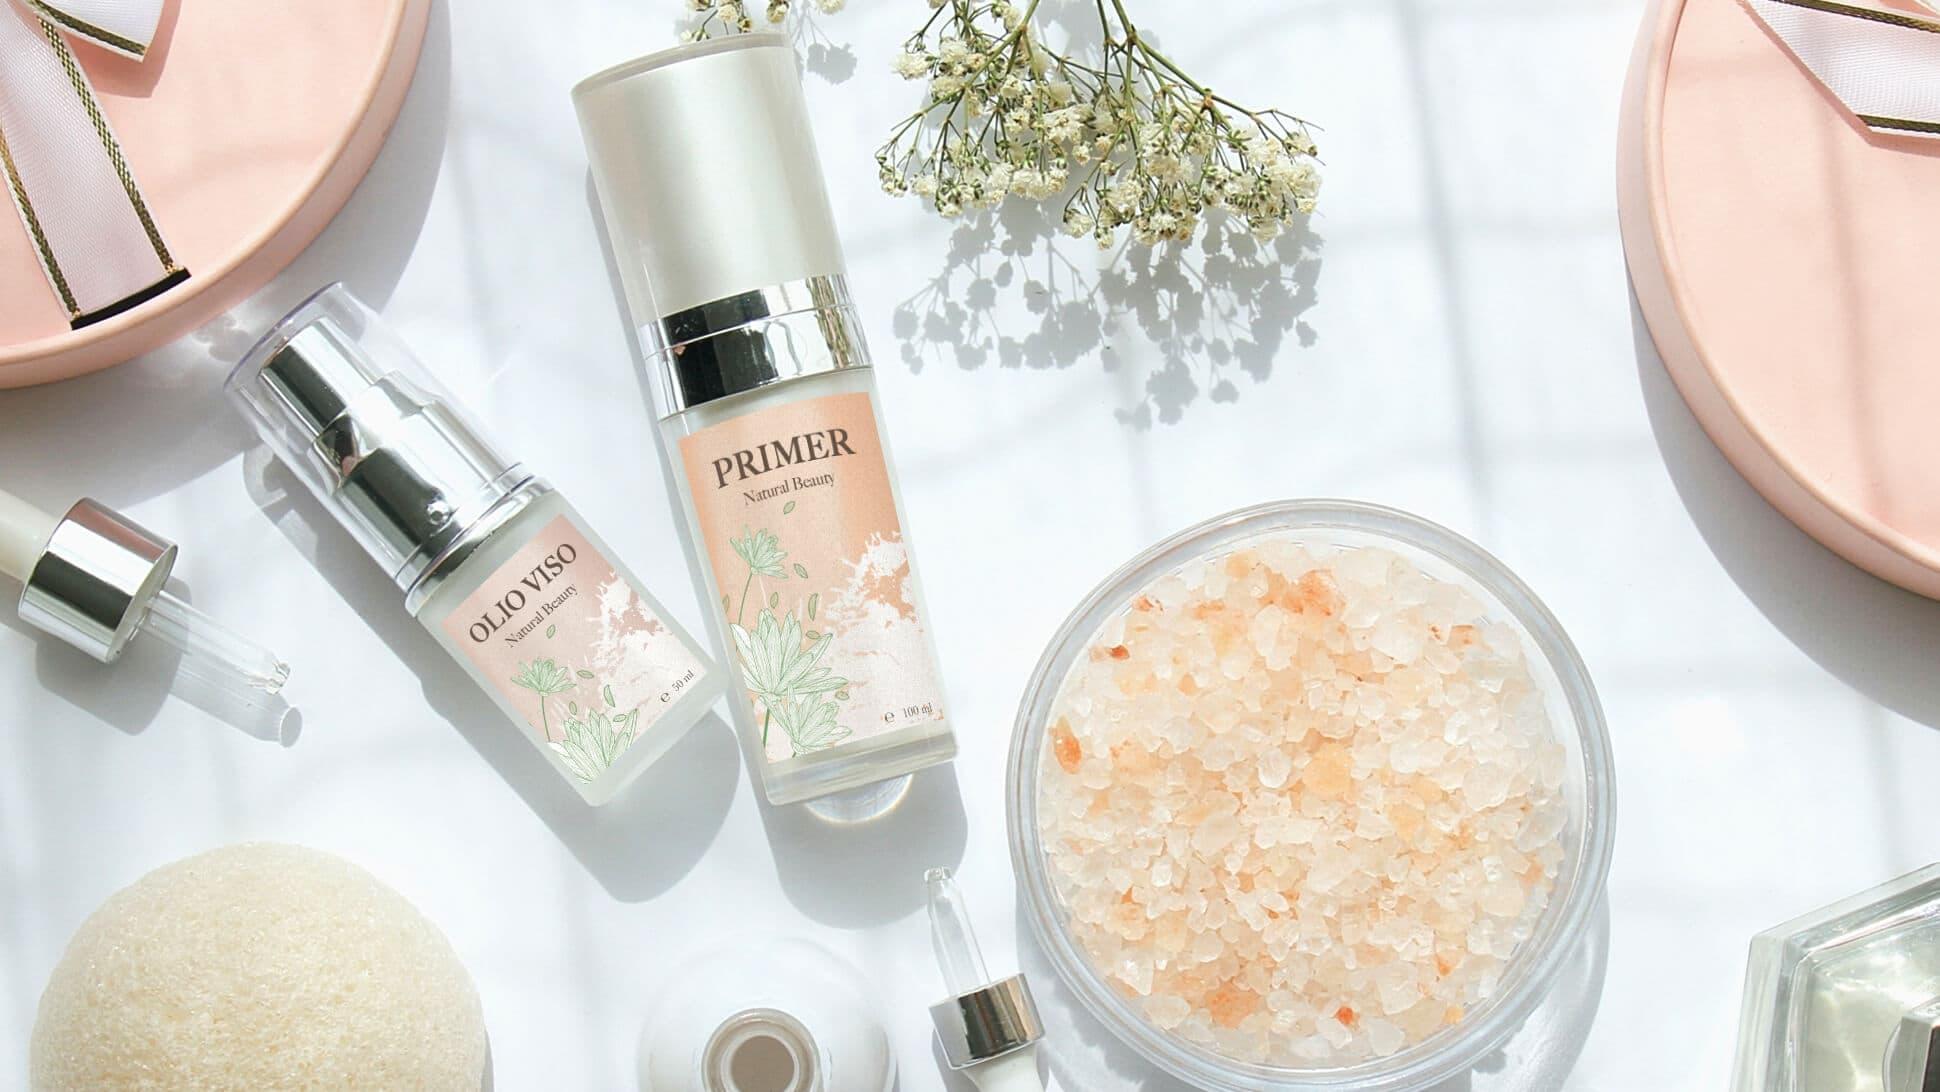 Etichette effetto perla per prodotti cosmetici   tictac.it